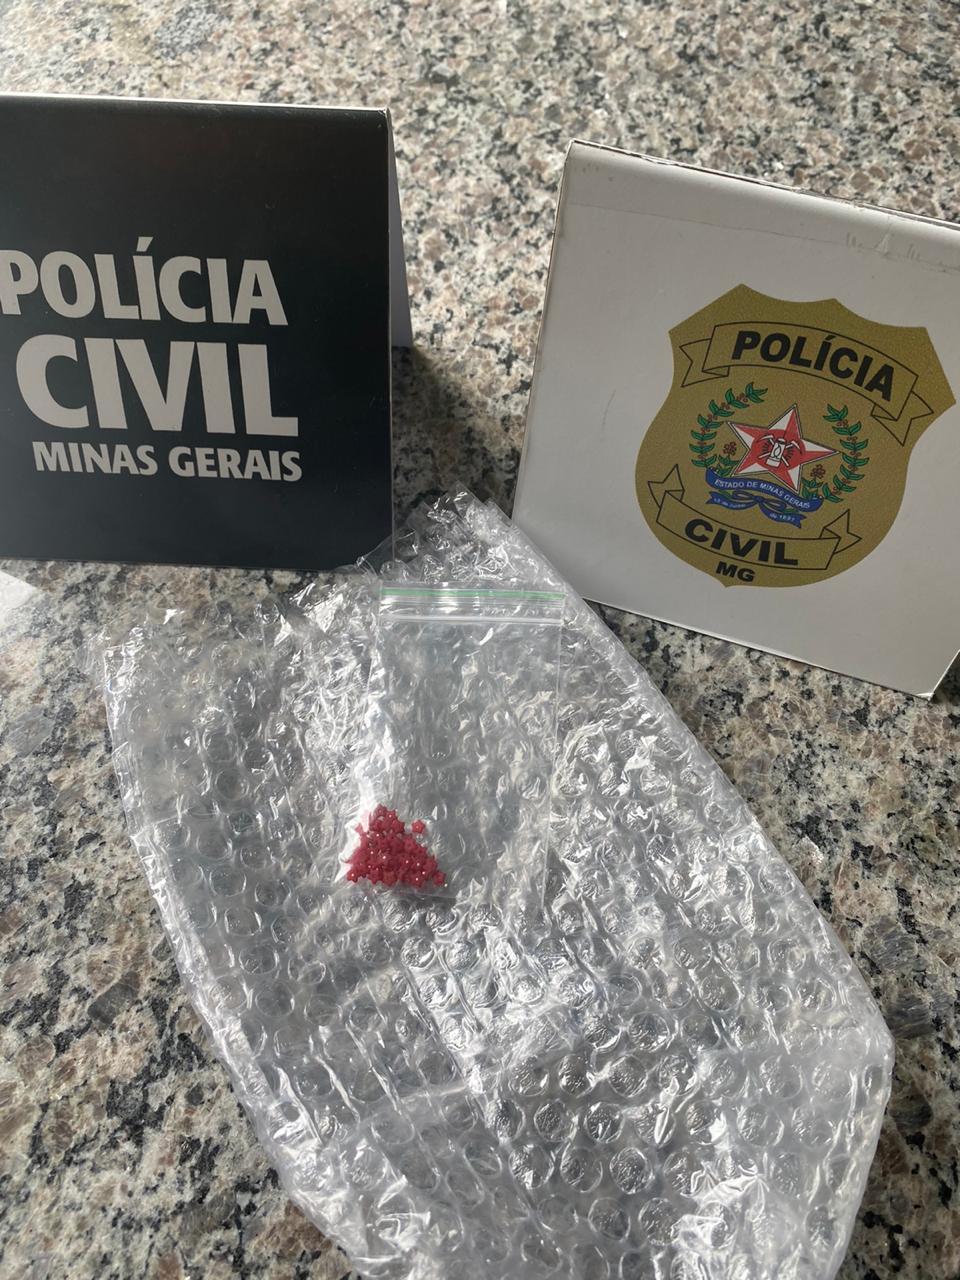 Polícia Civil apreende 50 pontos de droga sintética em Formiga - Foto: Divulgação/Polícia Civil